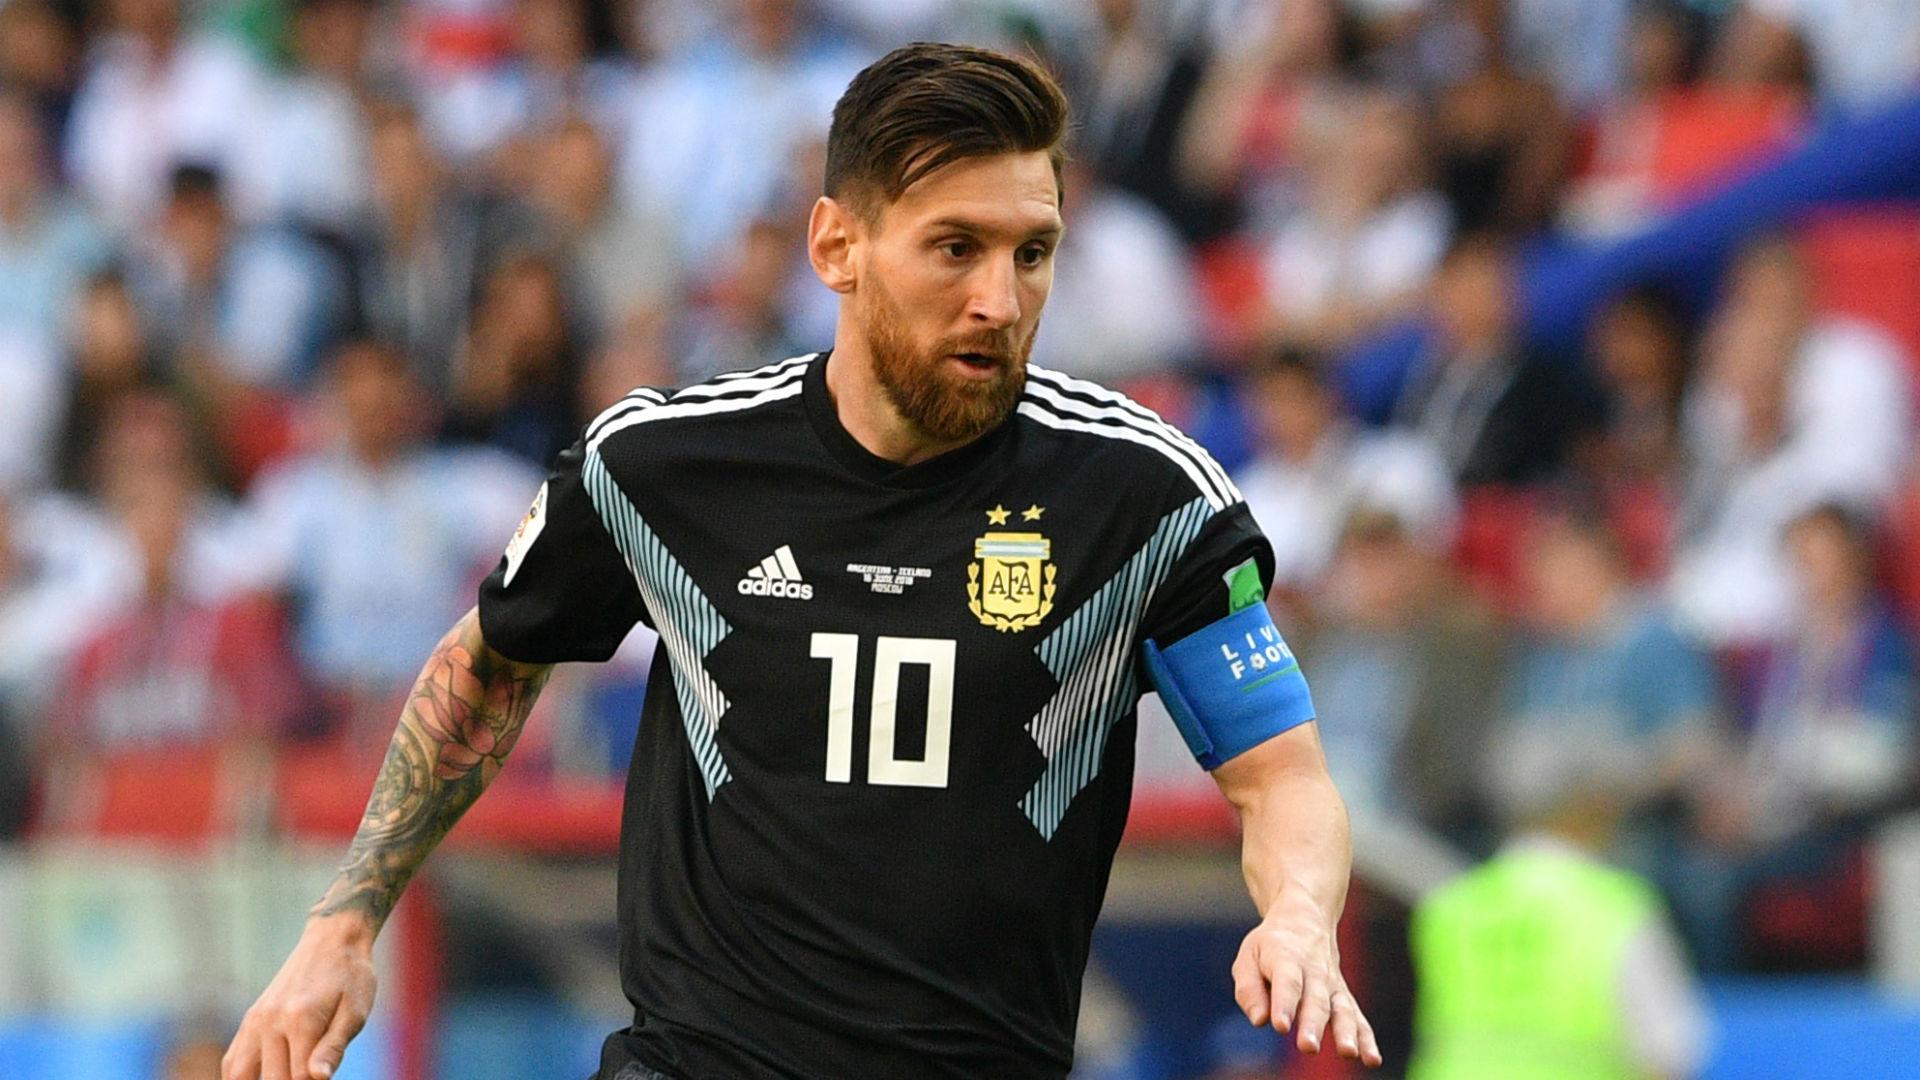 BẢN TIN 0H 26/6: Cánh cửa trở về luôn mở với Messi